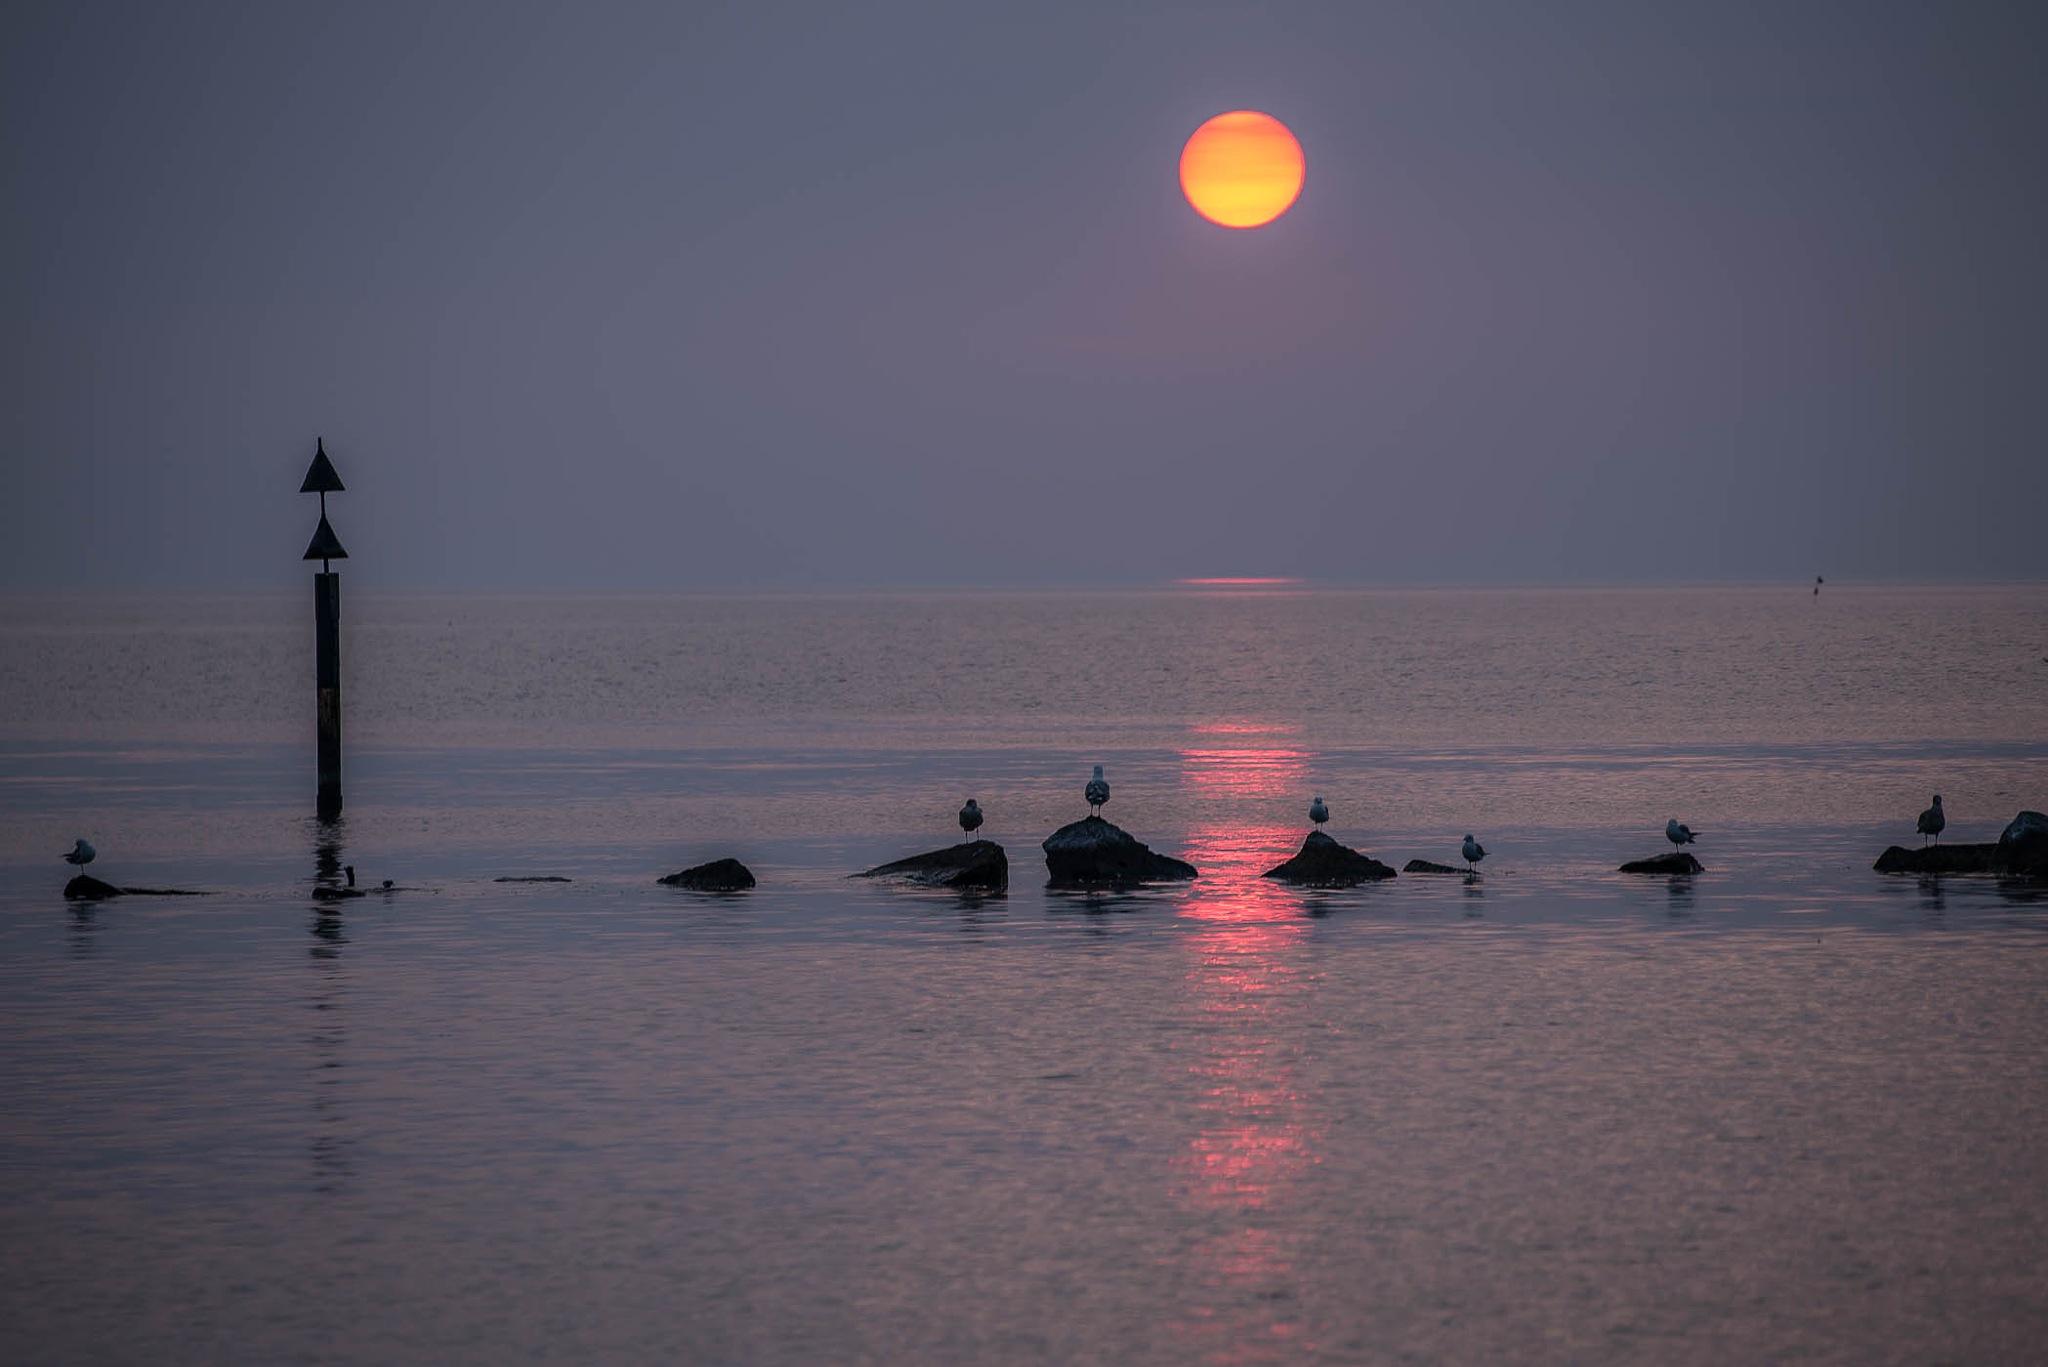 sundown by elu